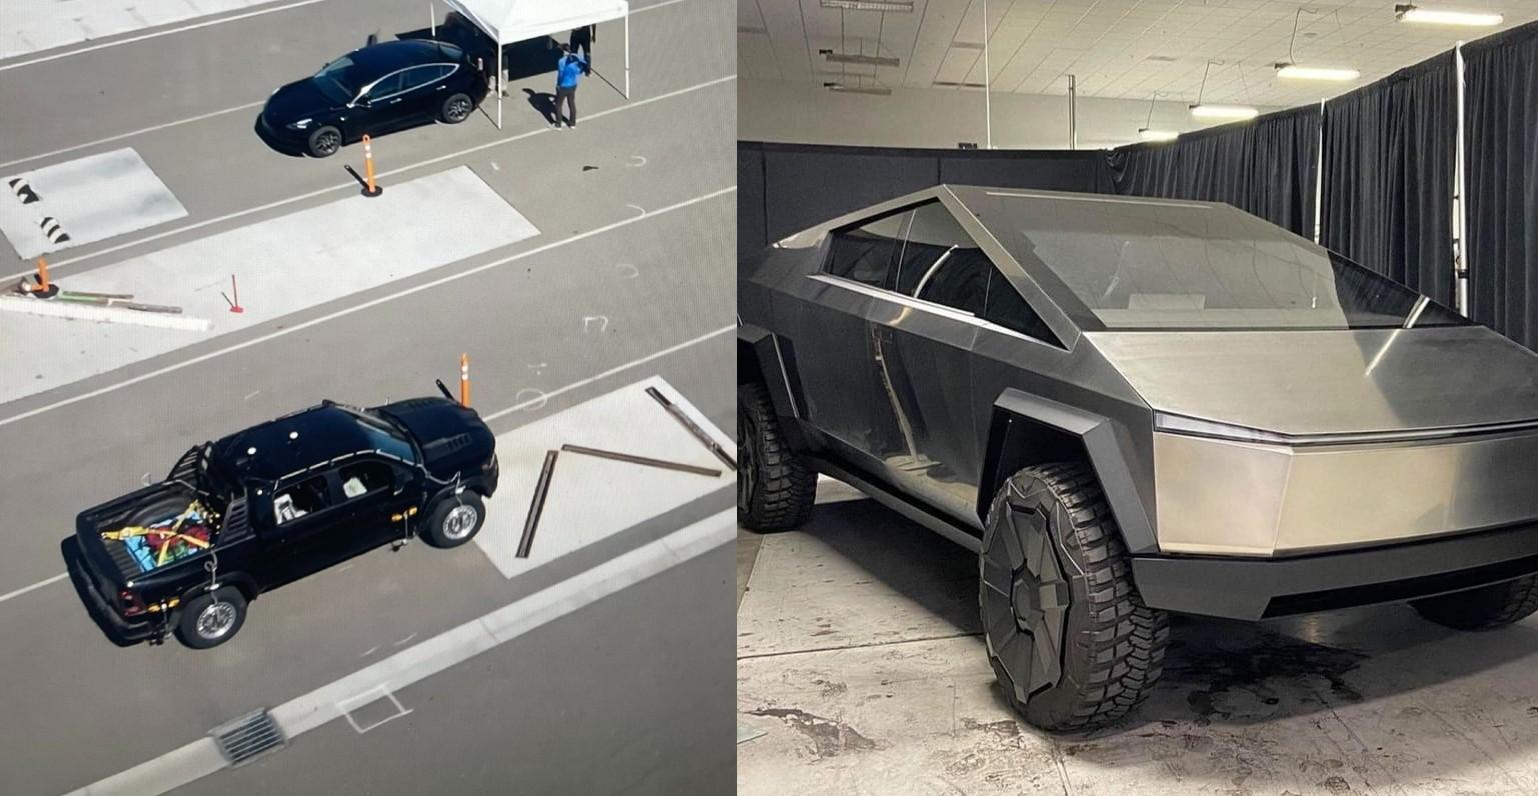 Пикап RAM TRX замечен на заводе Tesla во Фремонте в ходе очевидных тестов Cybertruck